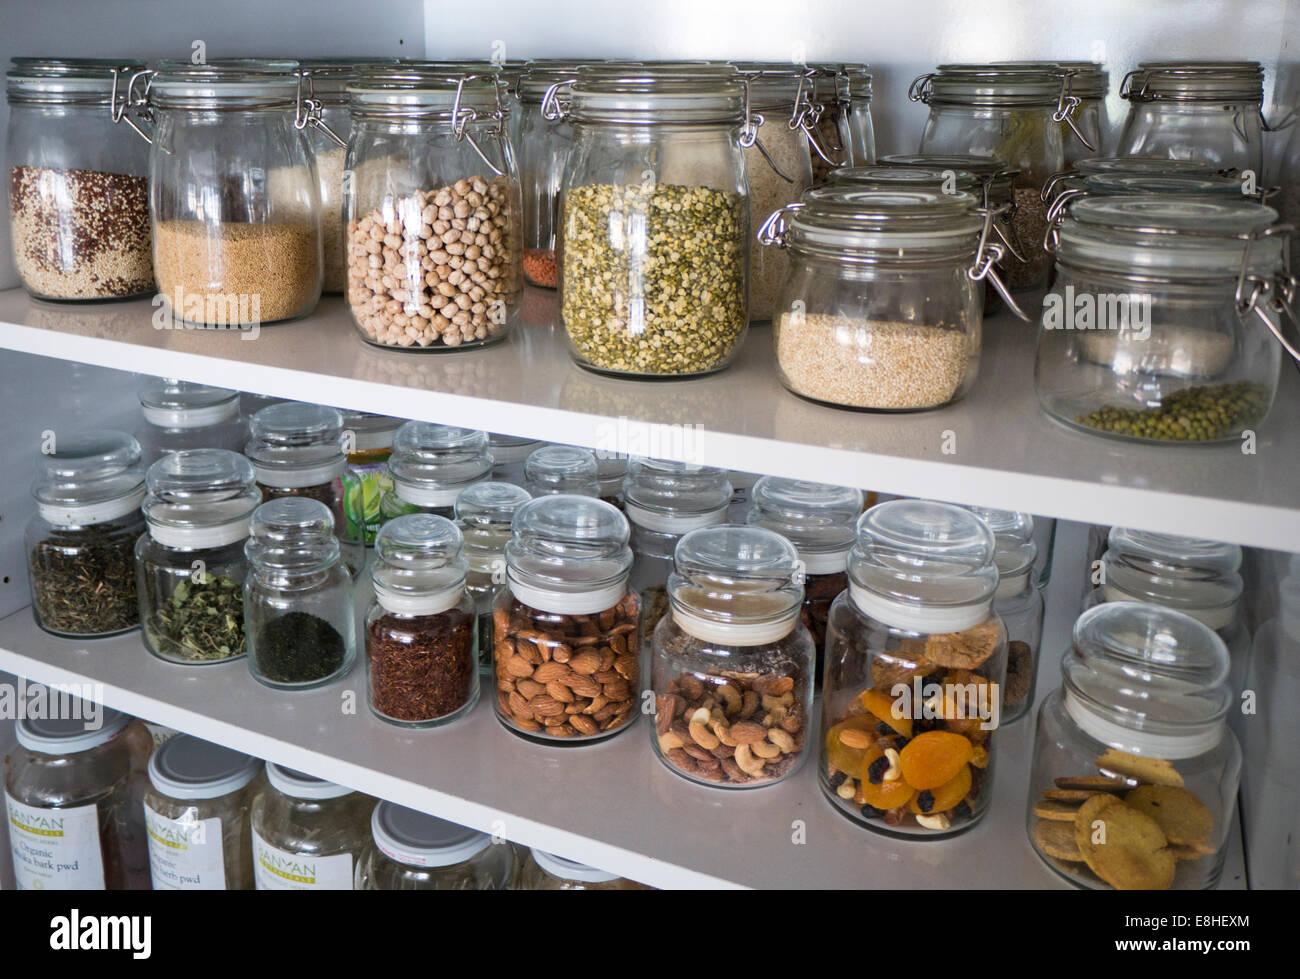 how to put food on a shelf on bloxburg